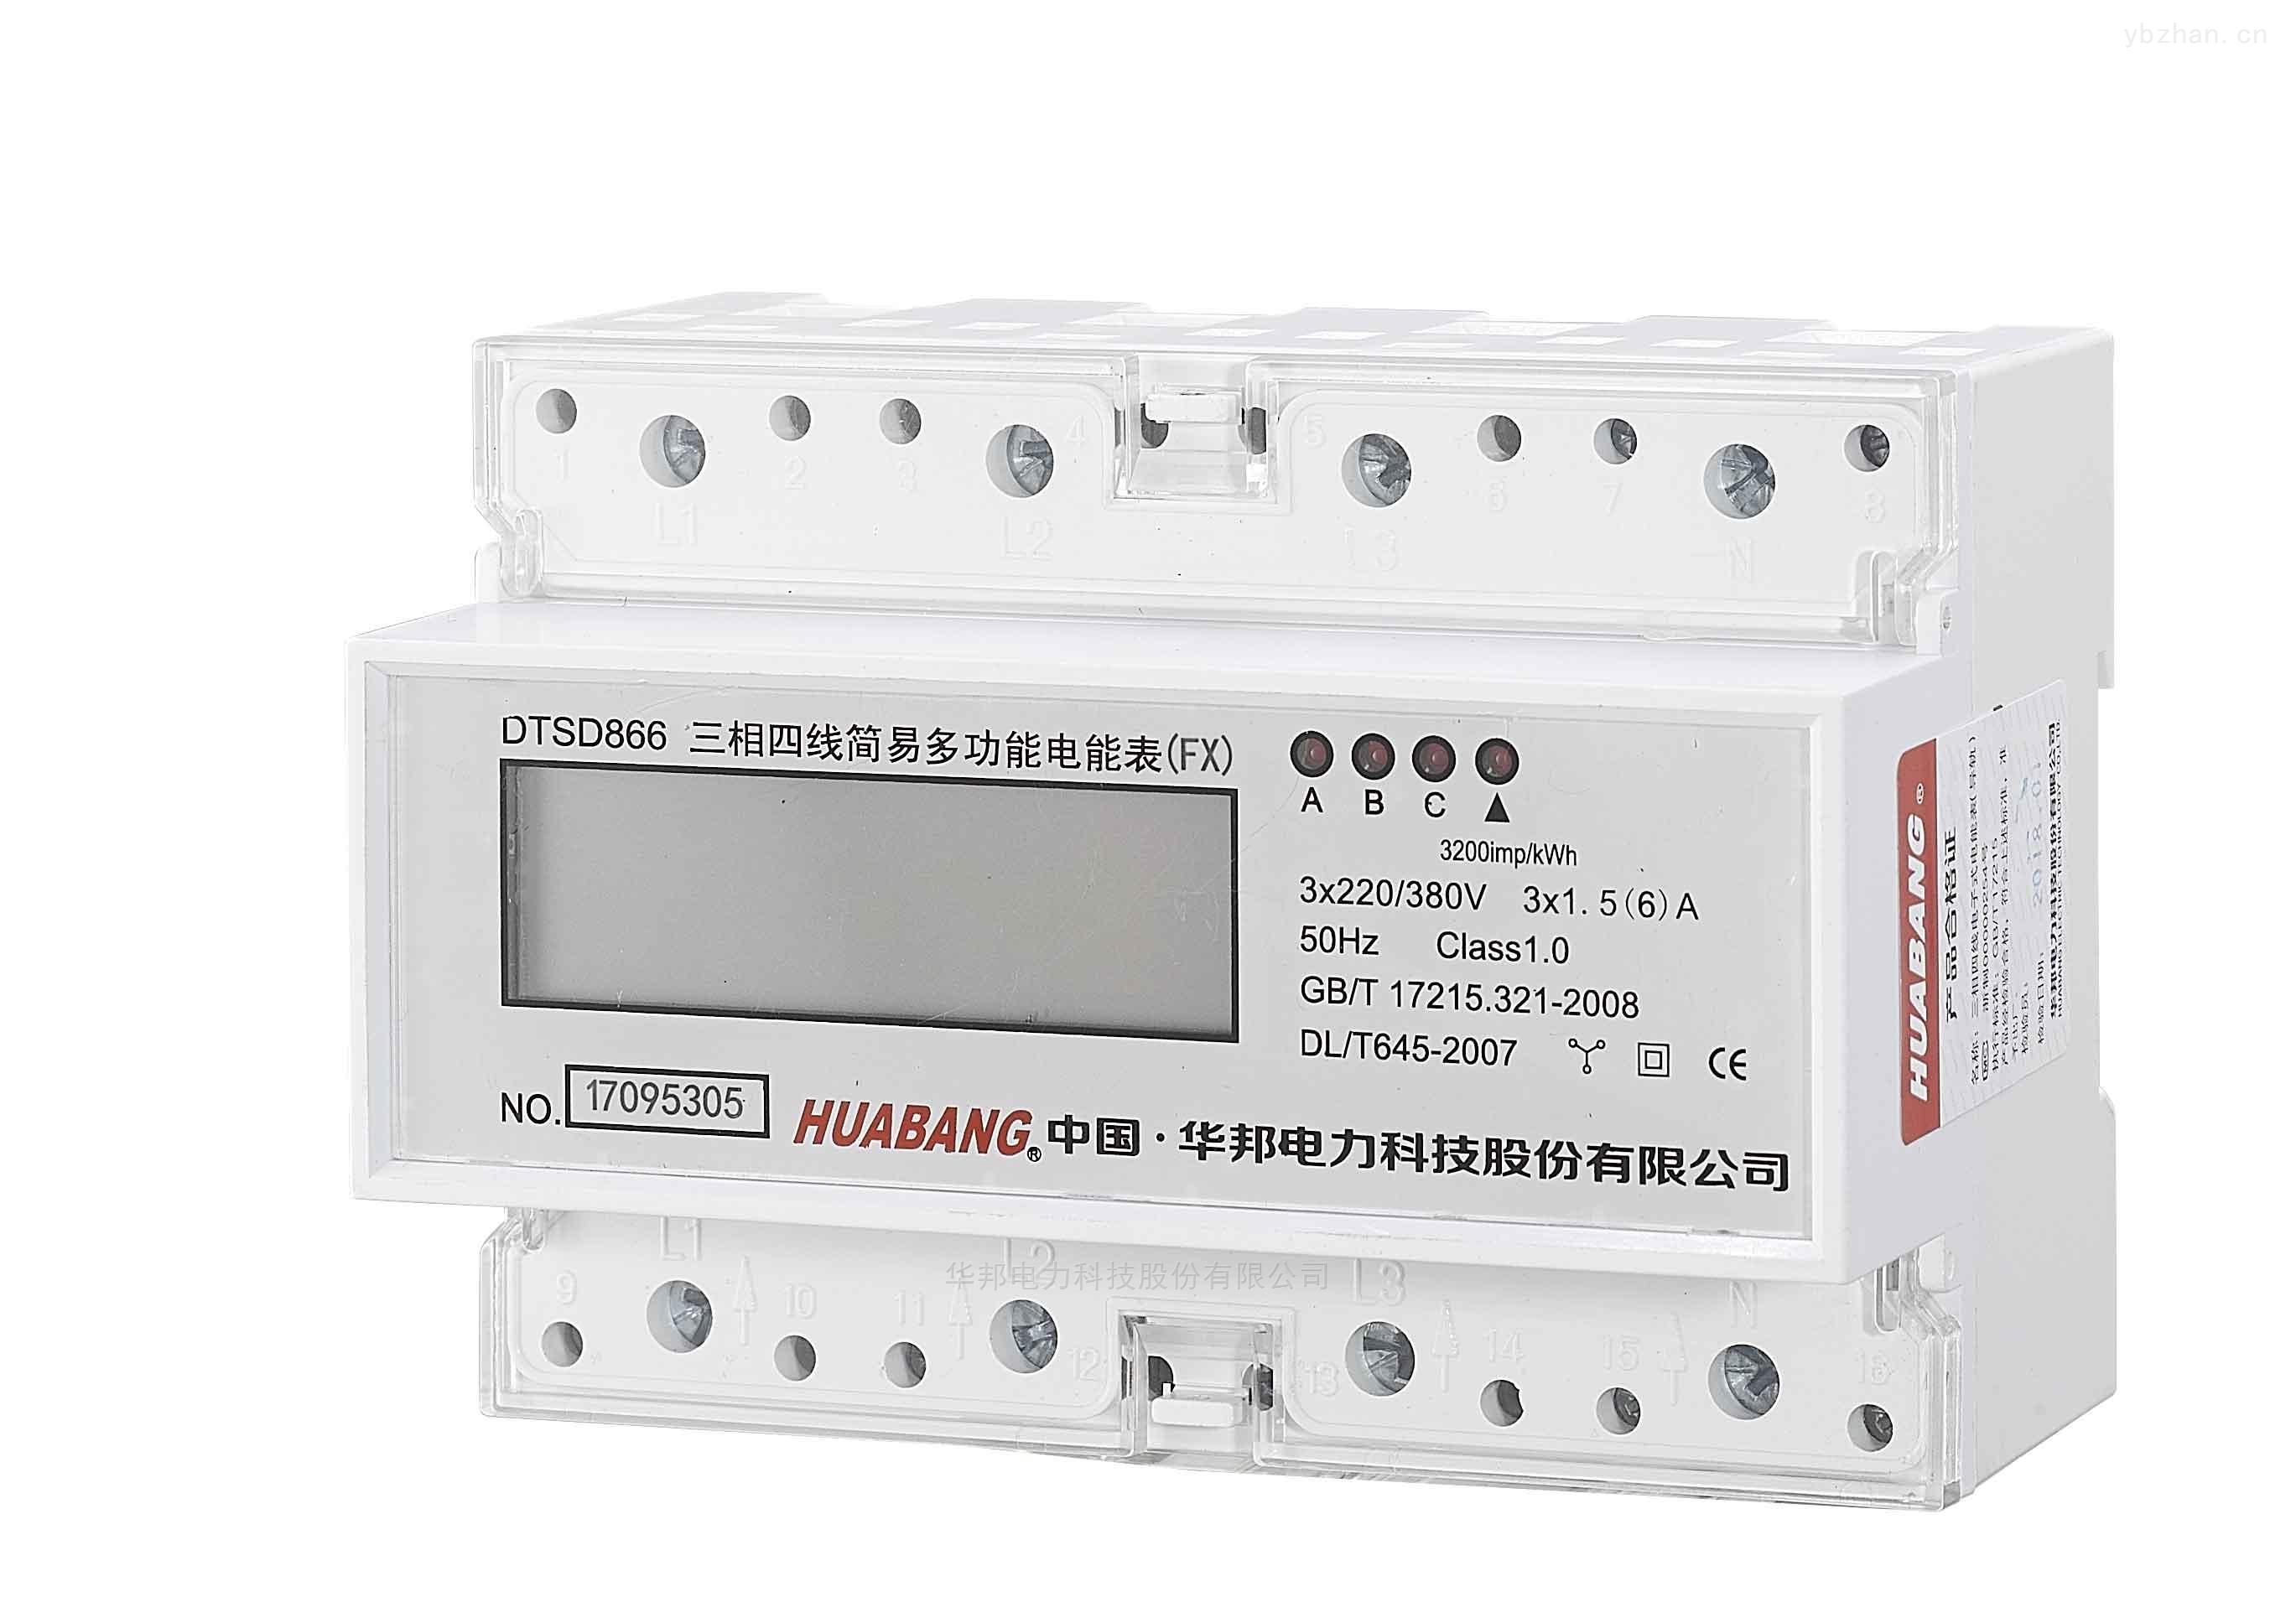 DTSF866-导轨式多费率电能表1.0级